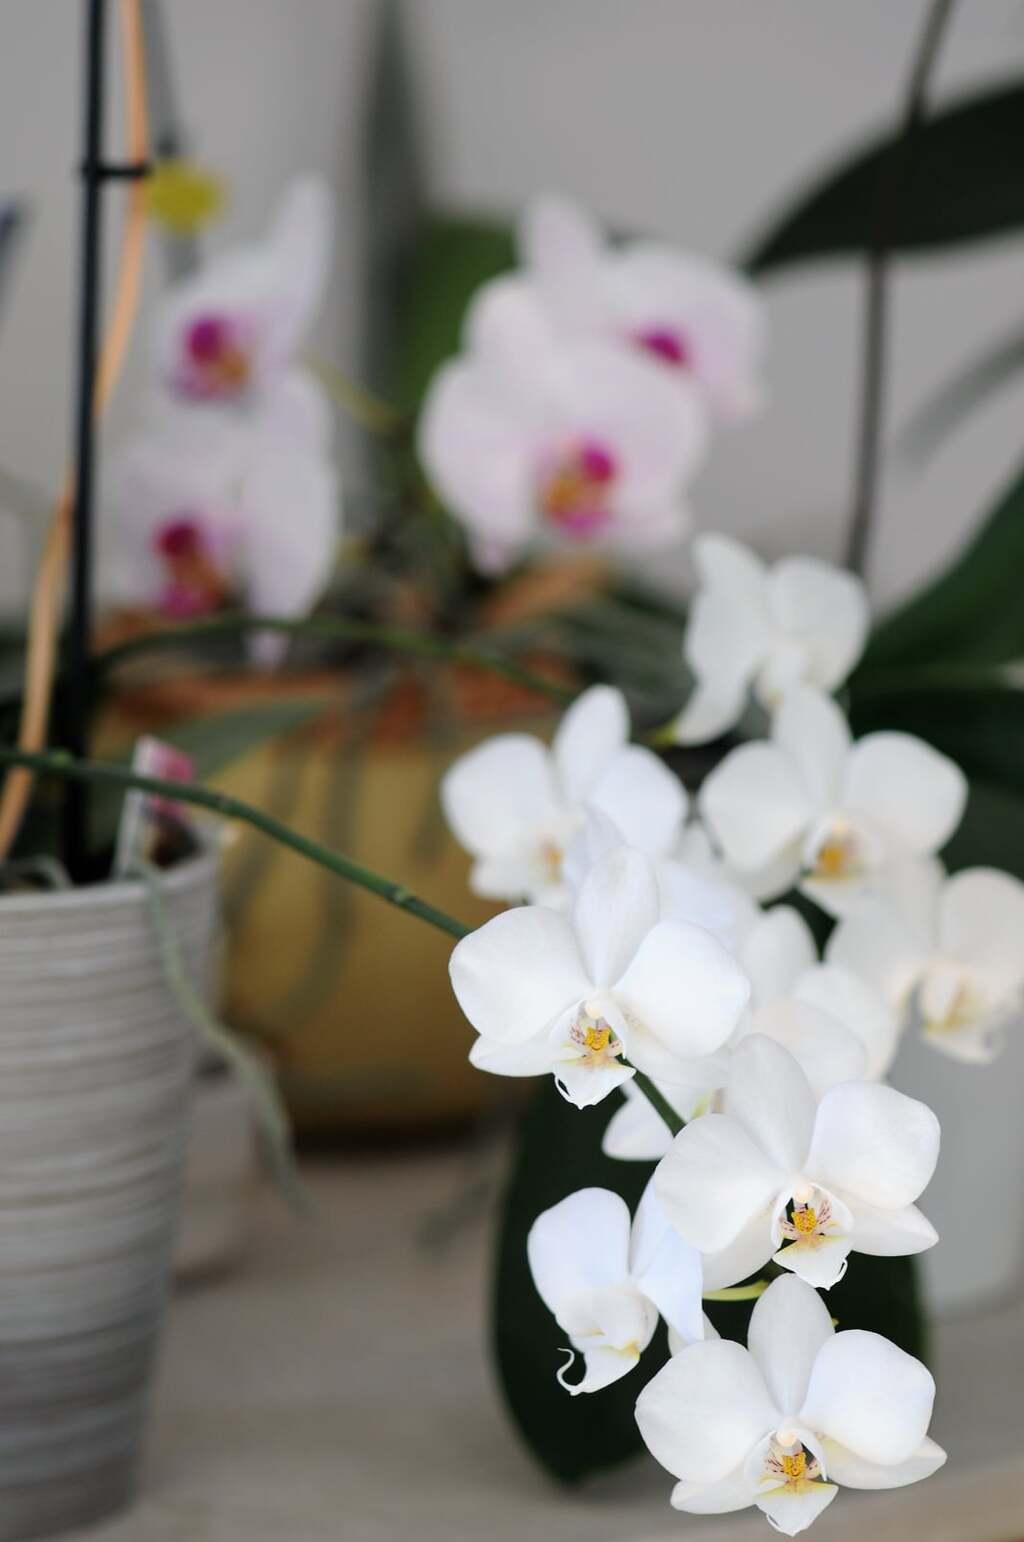 Les plantes à fleurs de la maison(3)...Lé cactus de noël... A  suivre